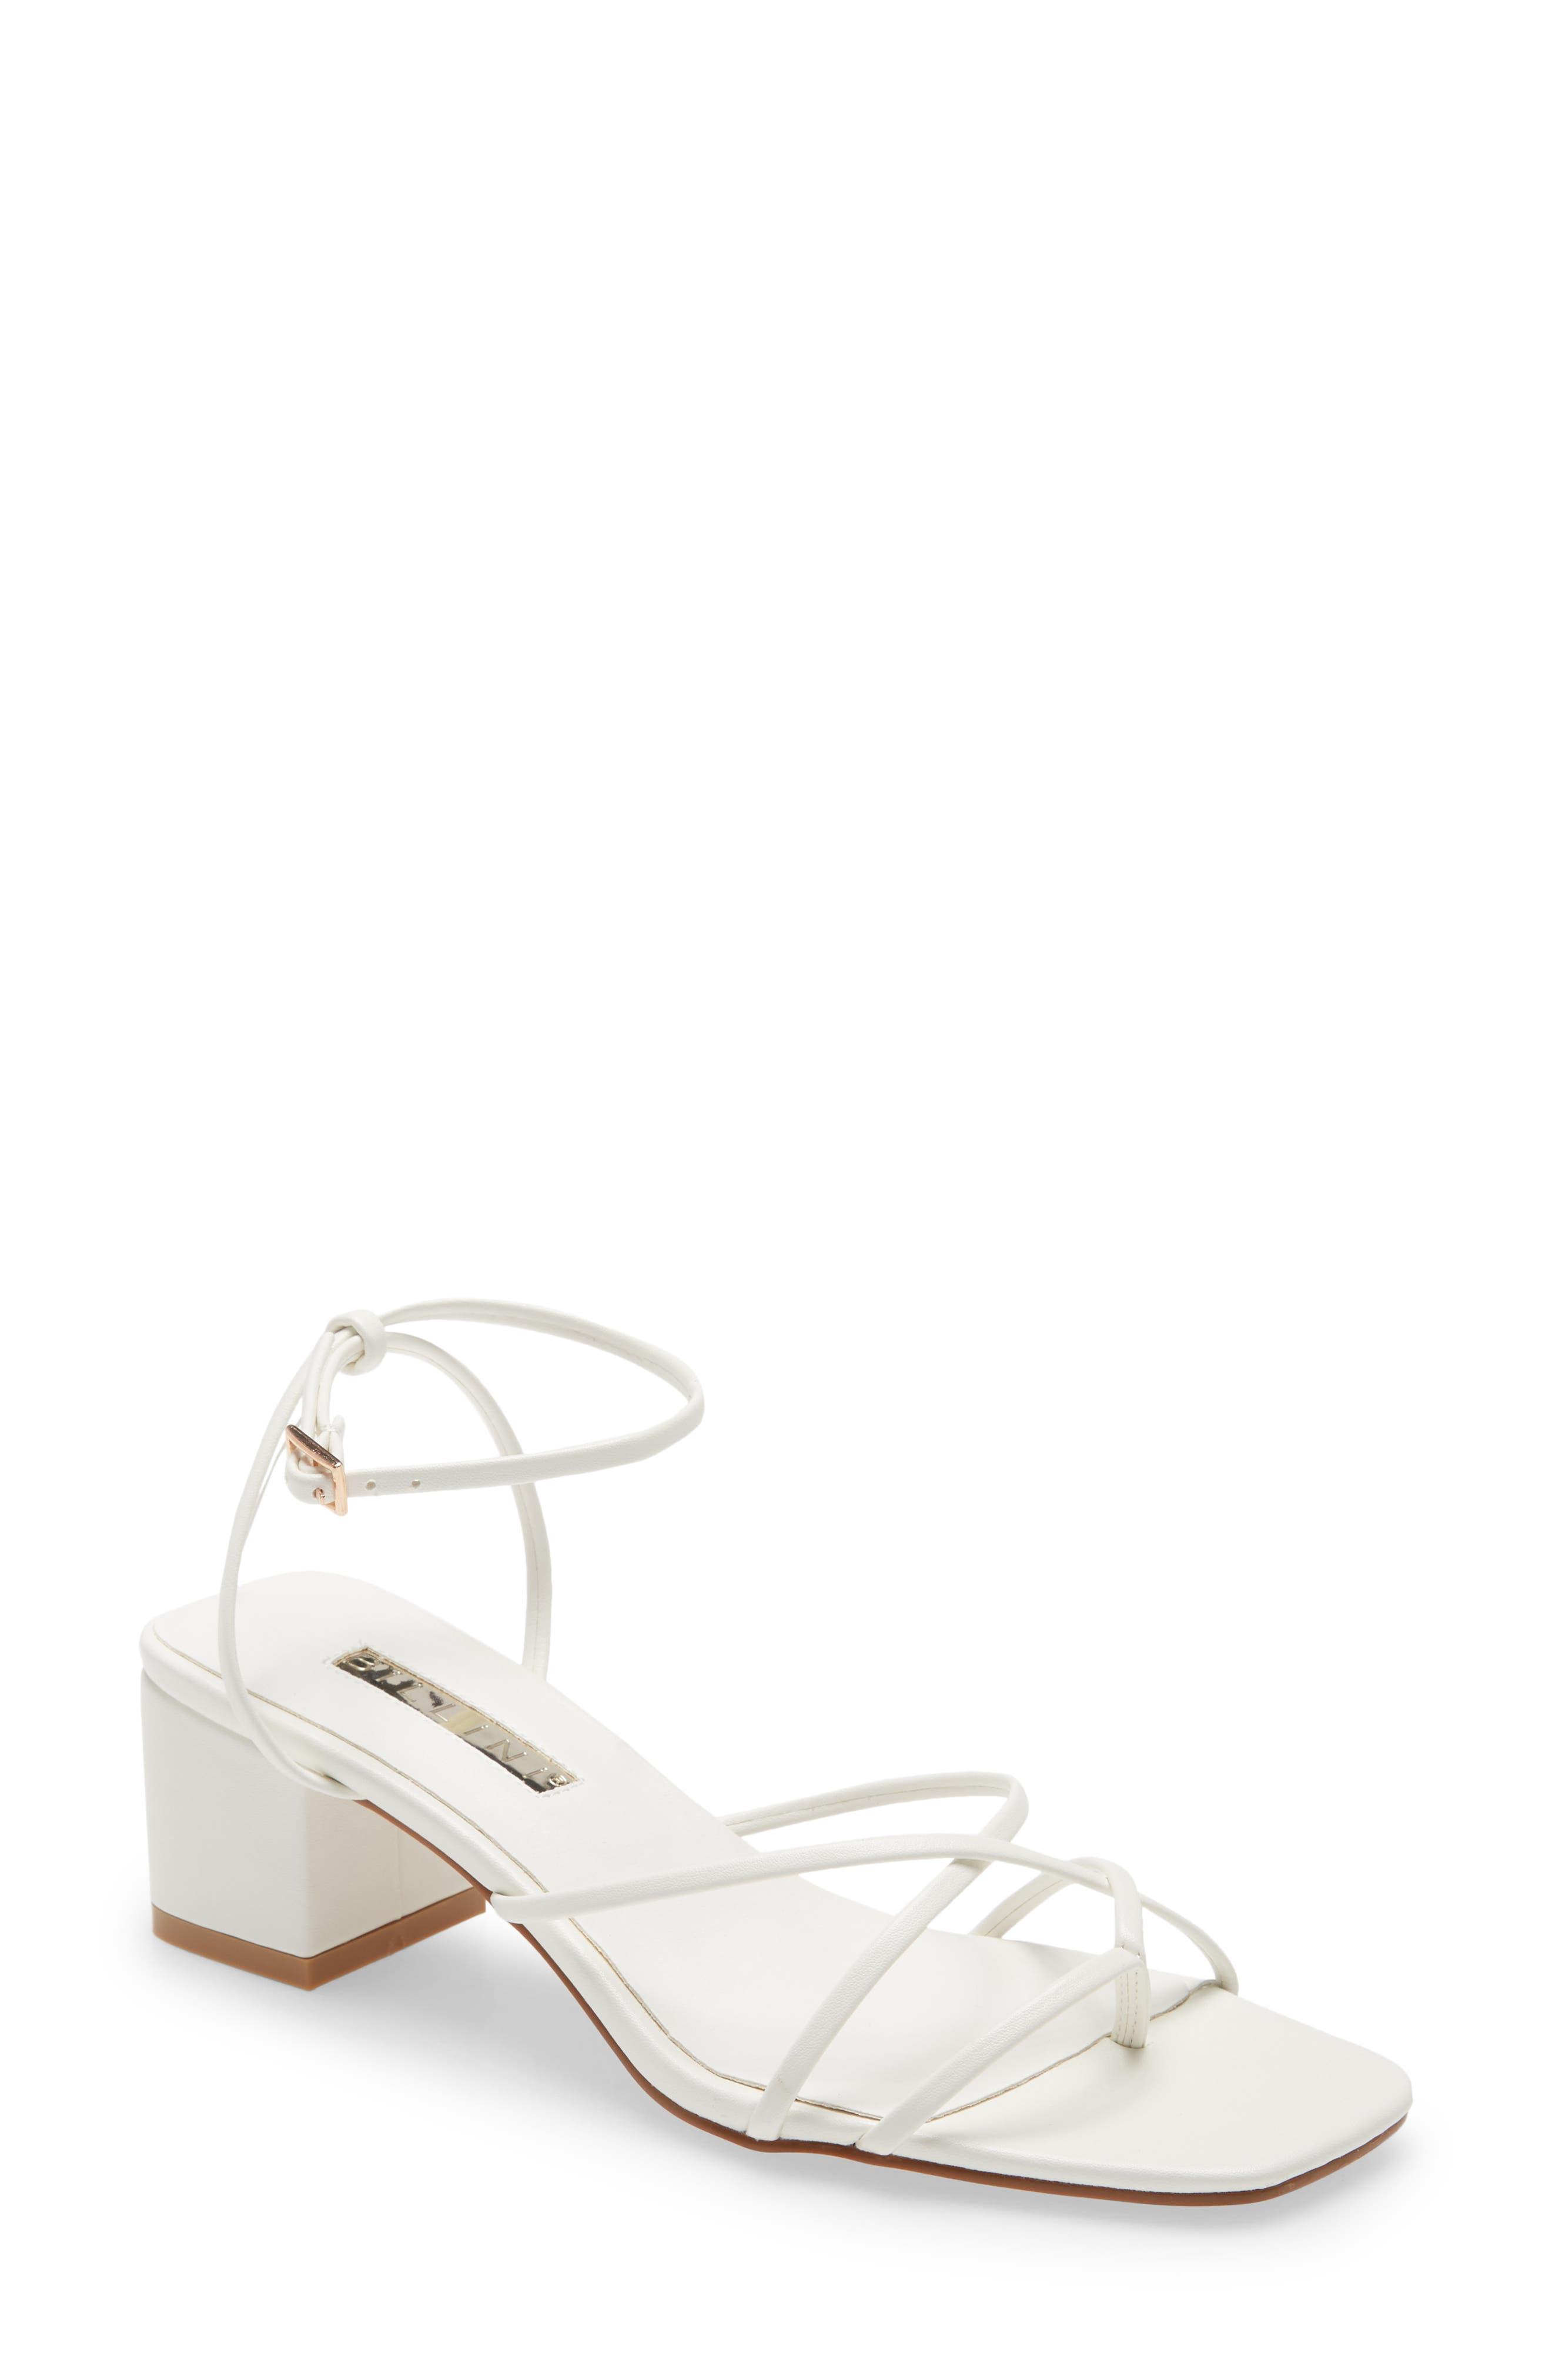 Mica Strappy Sandal